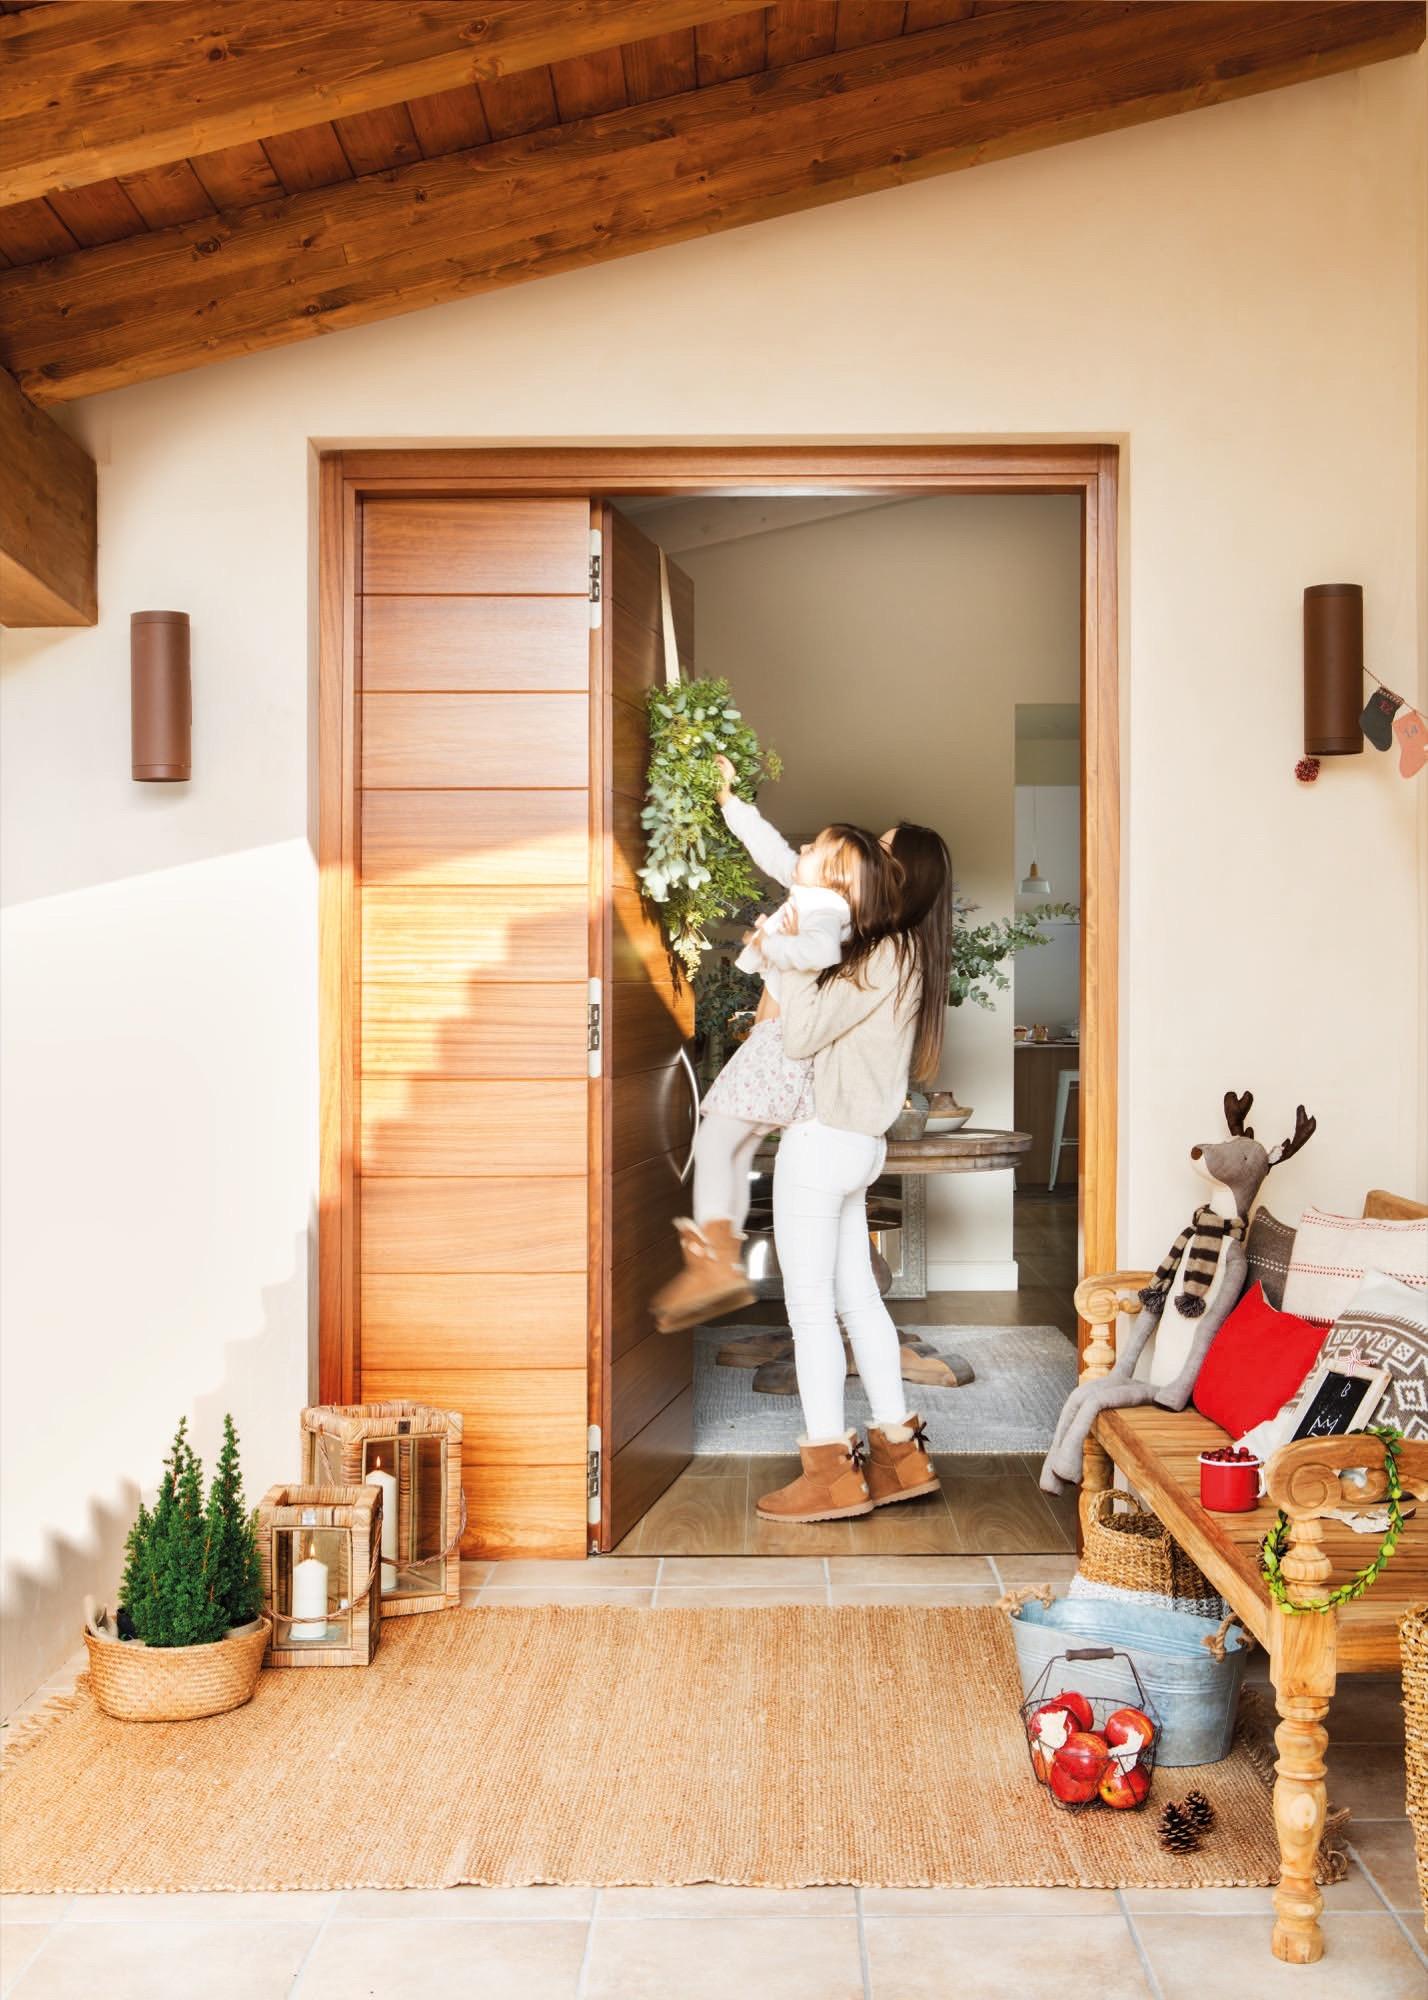 La Casa Es Muy Bonita Y Grande World Mediterranean: La Casa Es El Regalo